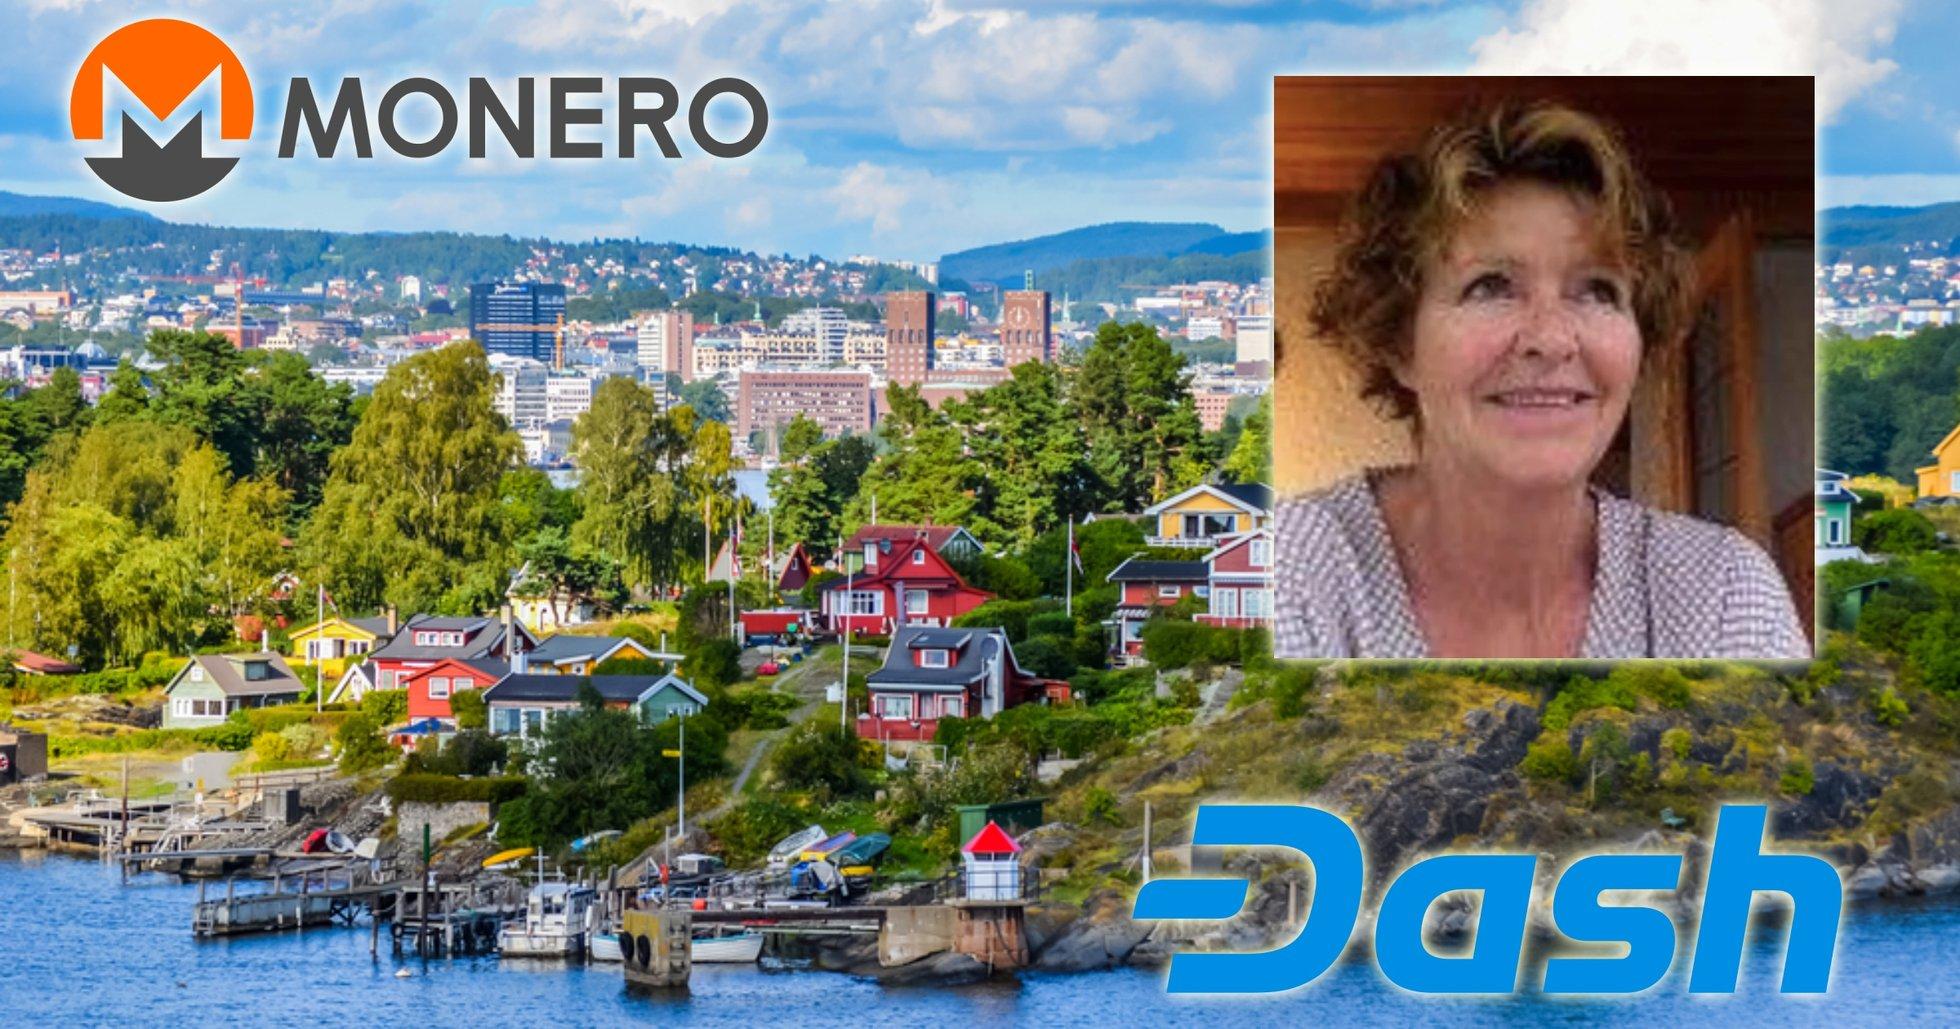 Norska polisen planerar att knäcka monero och dash för att lösa Hagen-fallet